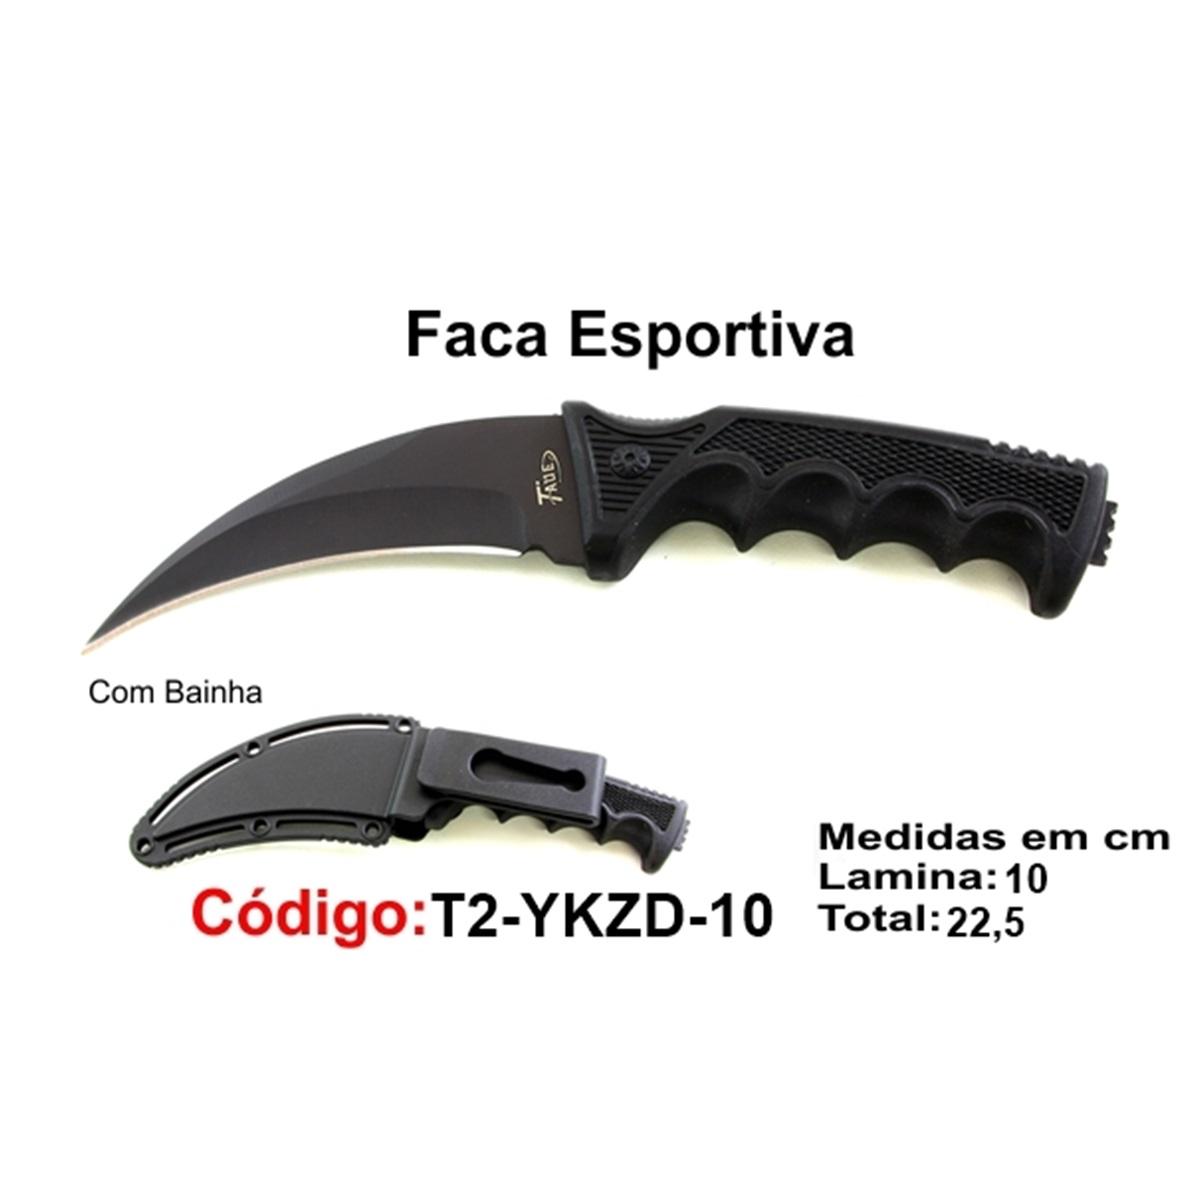 Faca Esportiva Com Bainha Rígida Modelo Caça Pesca Etc T2-YKZD-10